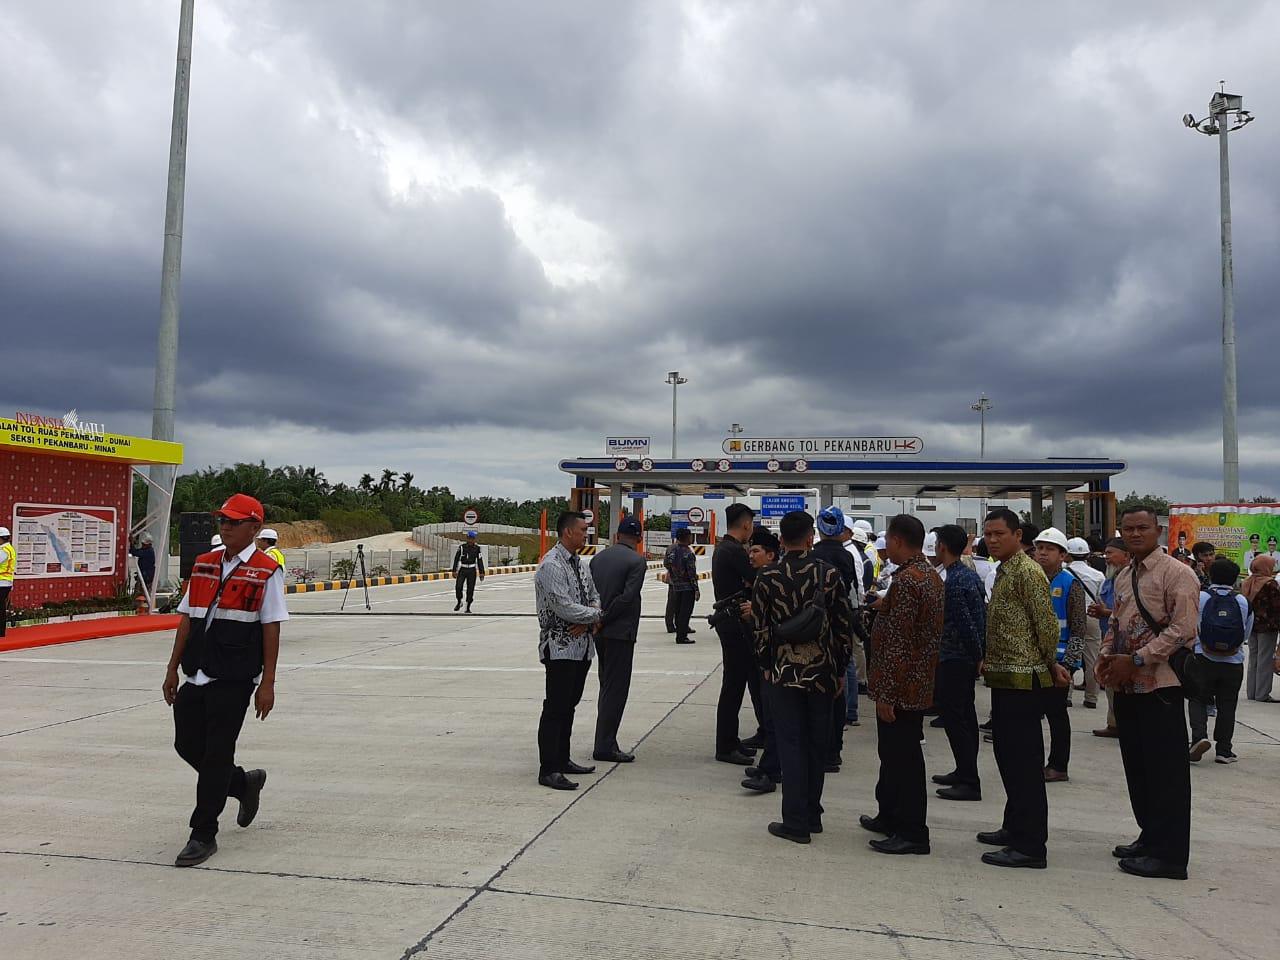 Pengamanan Ketat Jelang Kedatangan Presiden di Gerbang Tol Permai